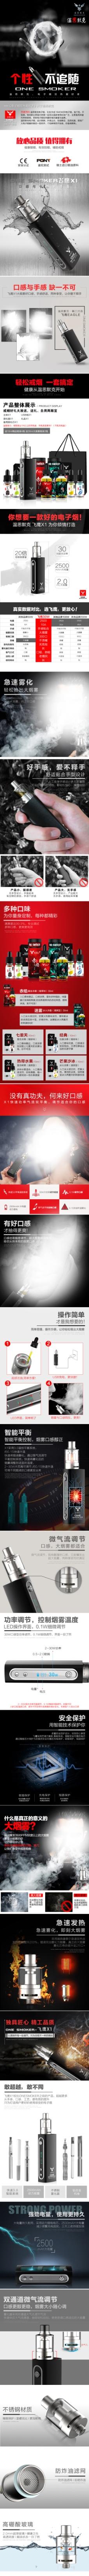 电子烟详精美情页